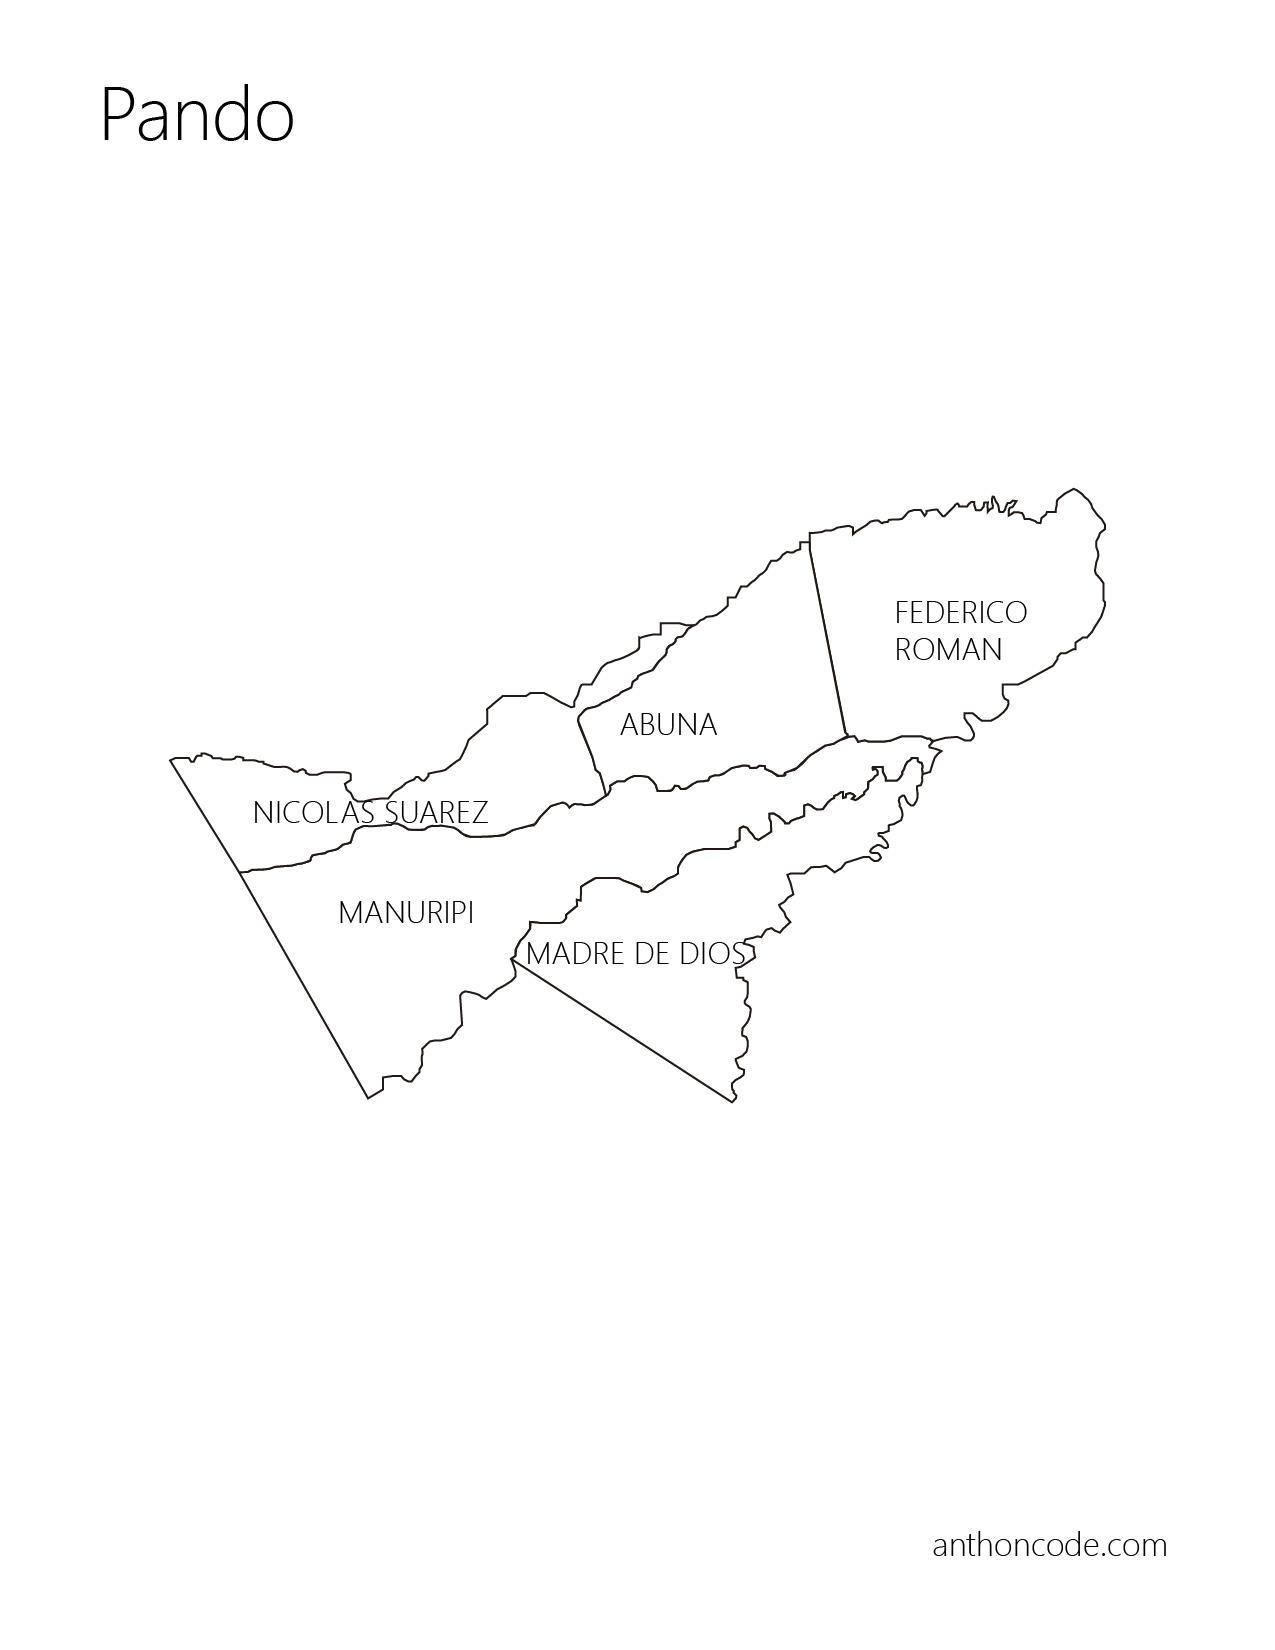 Mapa político de Pando y provincias para colorear